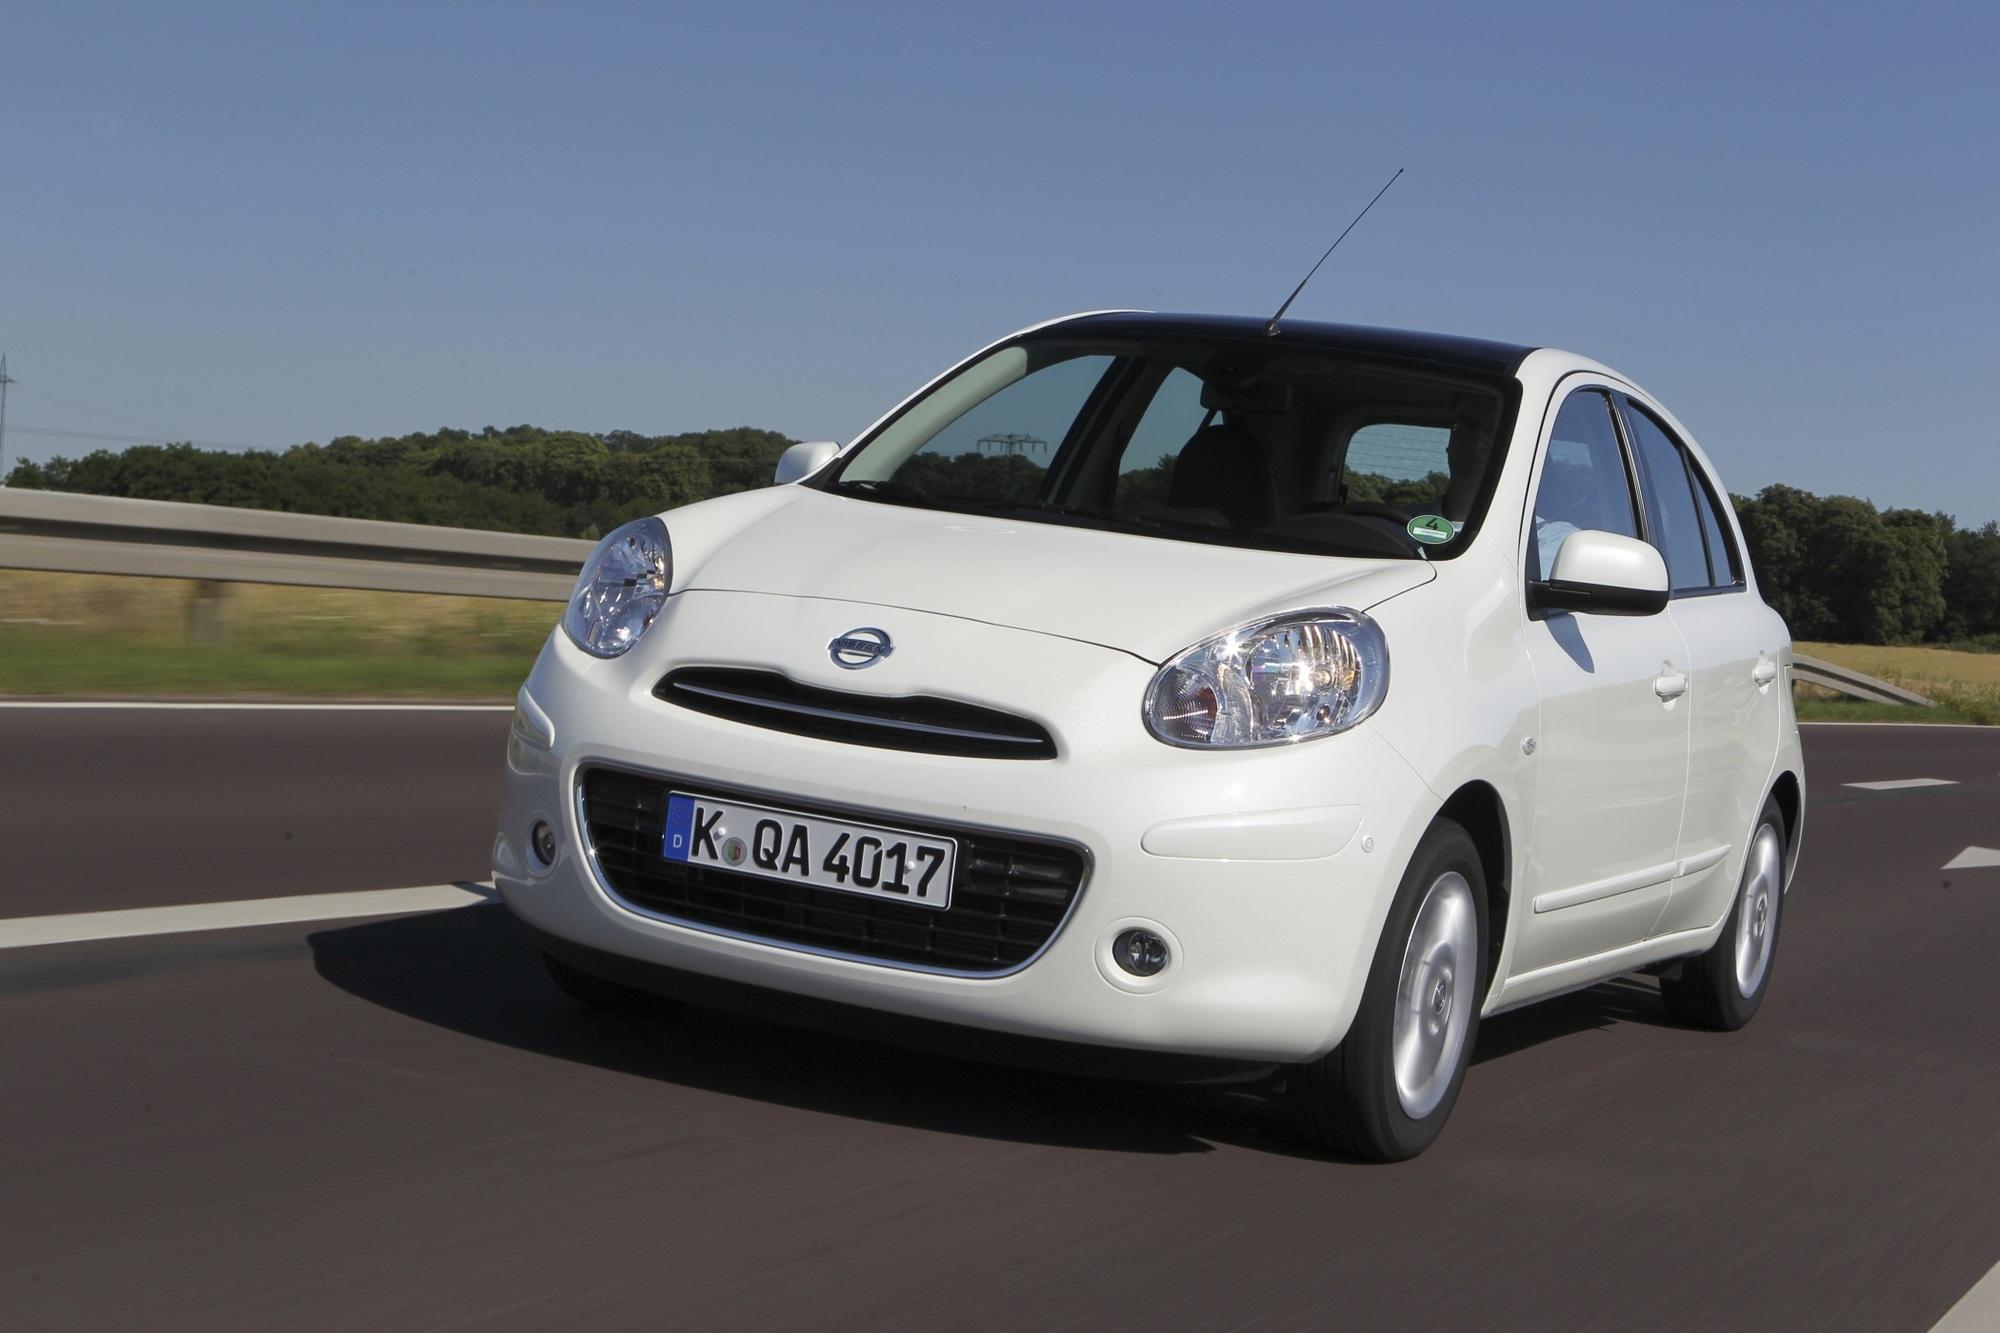 Gebrauchtwagen-Check: Nissan Micra - Qualität statt Kulleraugen